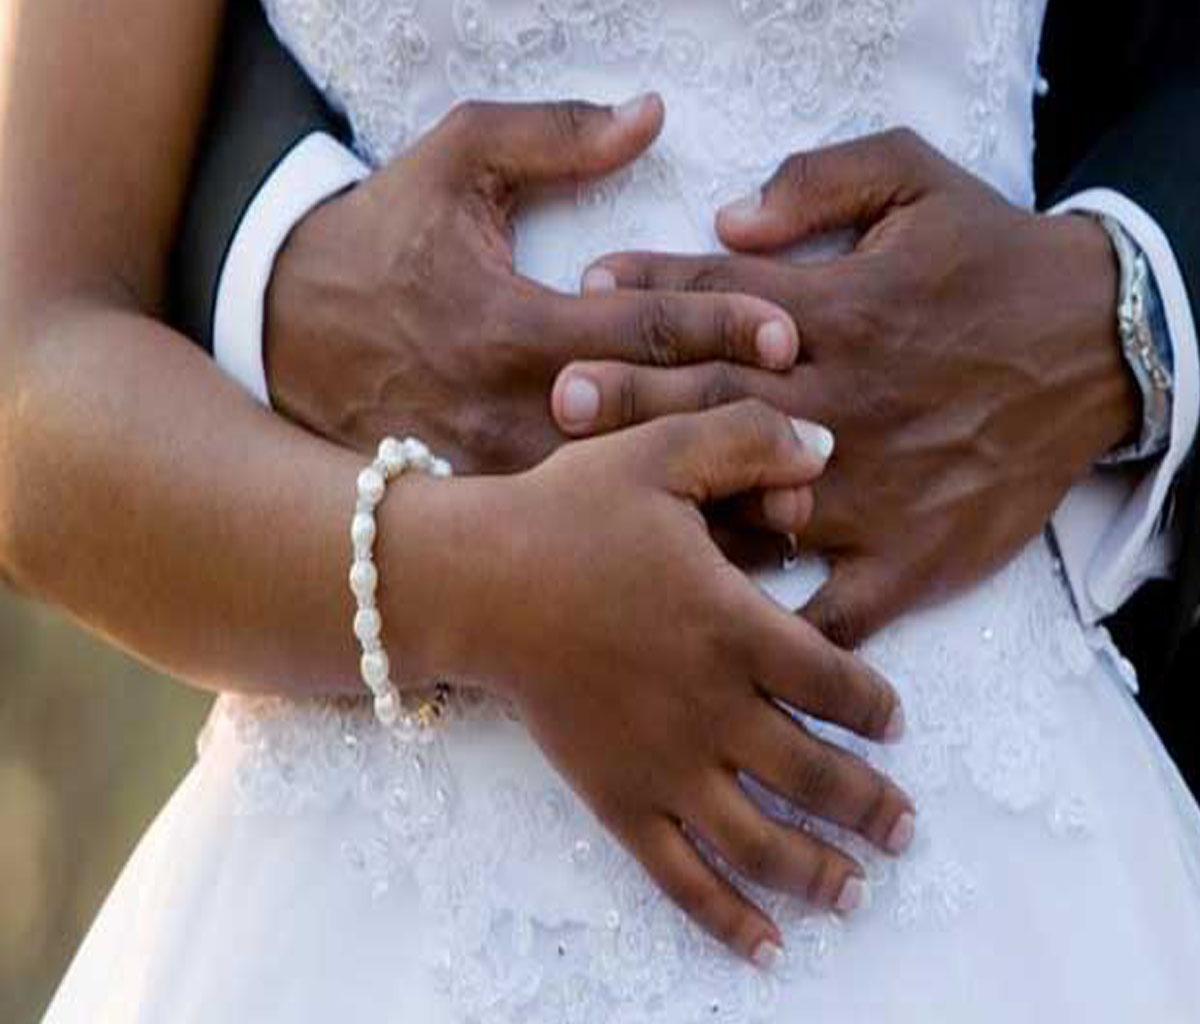 7c9bc7c6f تفسير حلم النكاح والجماع للمرأة المتزوجة في المنام، تفسير رؤية الجماع  والنكاح في منام المرأة المتزوجة